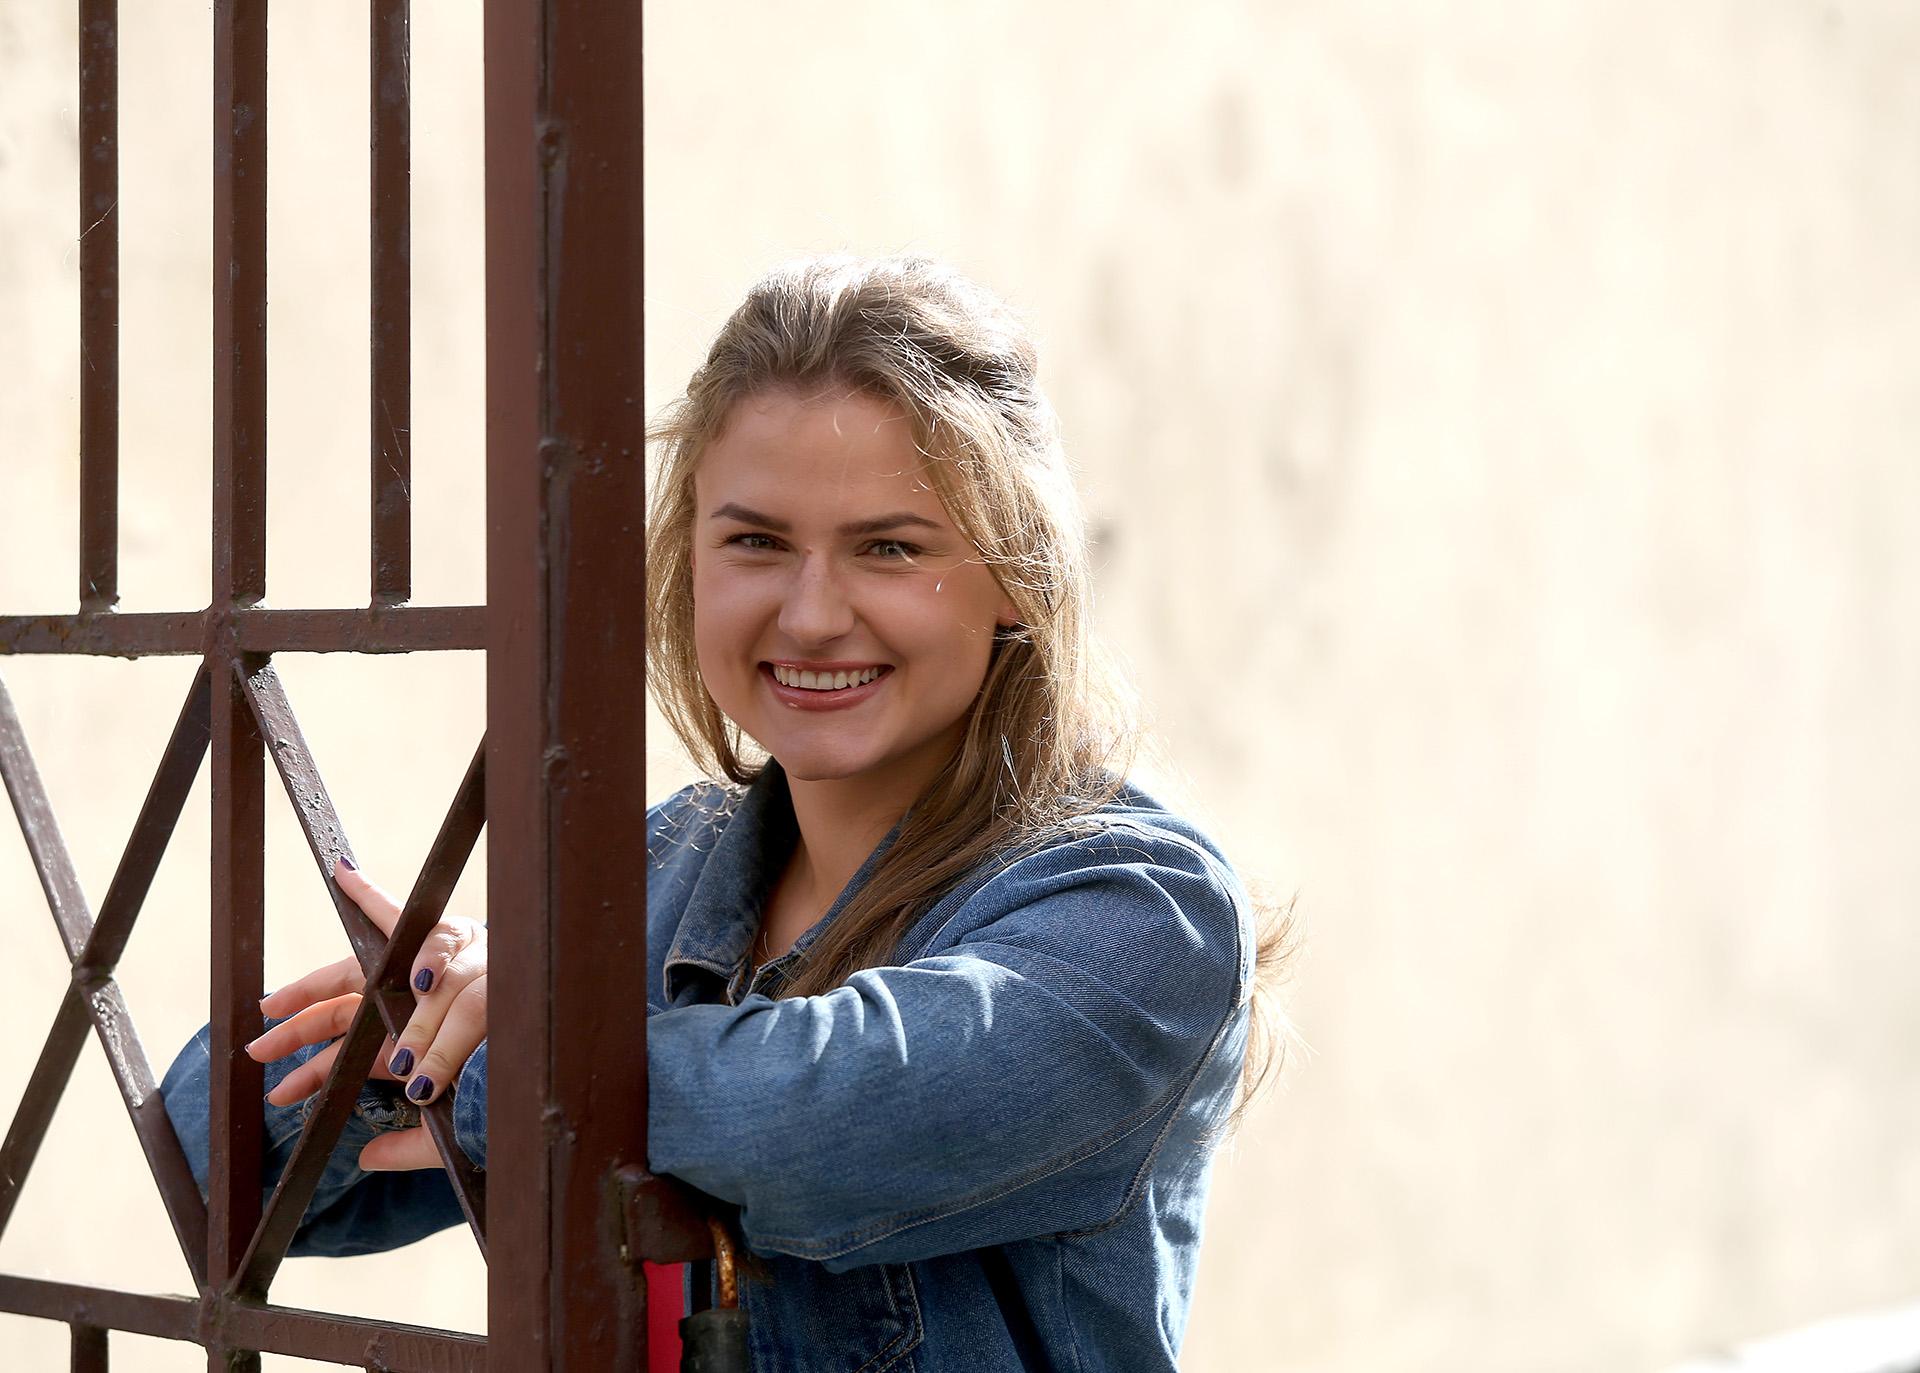 """Nors ir pralaimėjusi finalinėje TV3 realybės šou """"2 Barai"""" kovoje, M. Sabašinskaitė nestokojo geros nuotaikos. Jau nuo vaikystės stypsėdama priešais veidrodį ji pati sau duodavo interviu, dainuodavo ir deklamuodavo eiles. Mergina neslepia svajojanti išbandyti laidos vedėjos kėdę, vieną dieną darbuotis priešais kameras. / A. Barzdžiaus nuotr."""